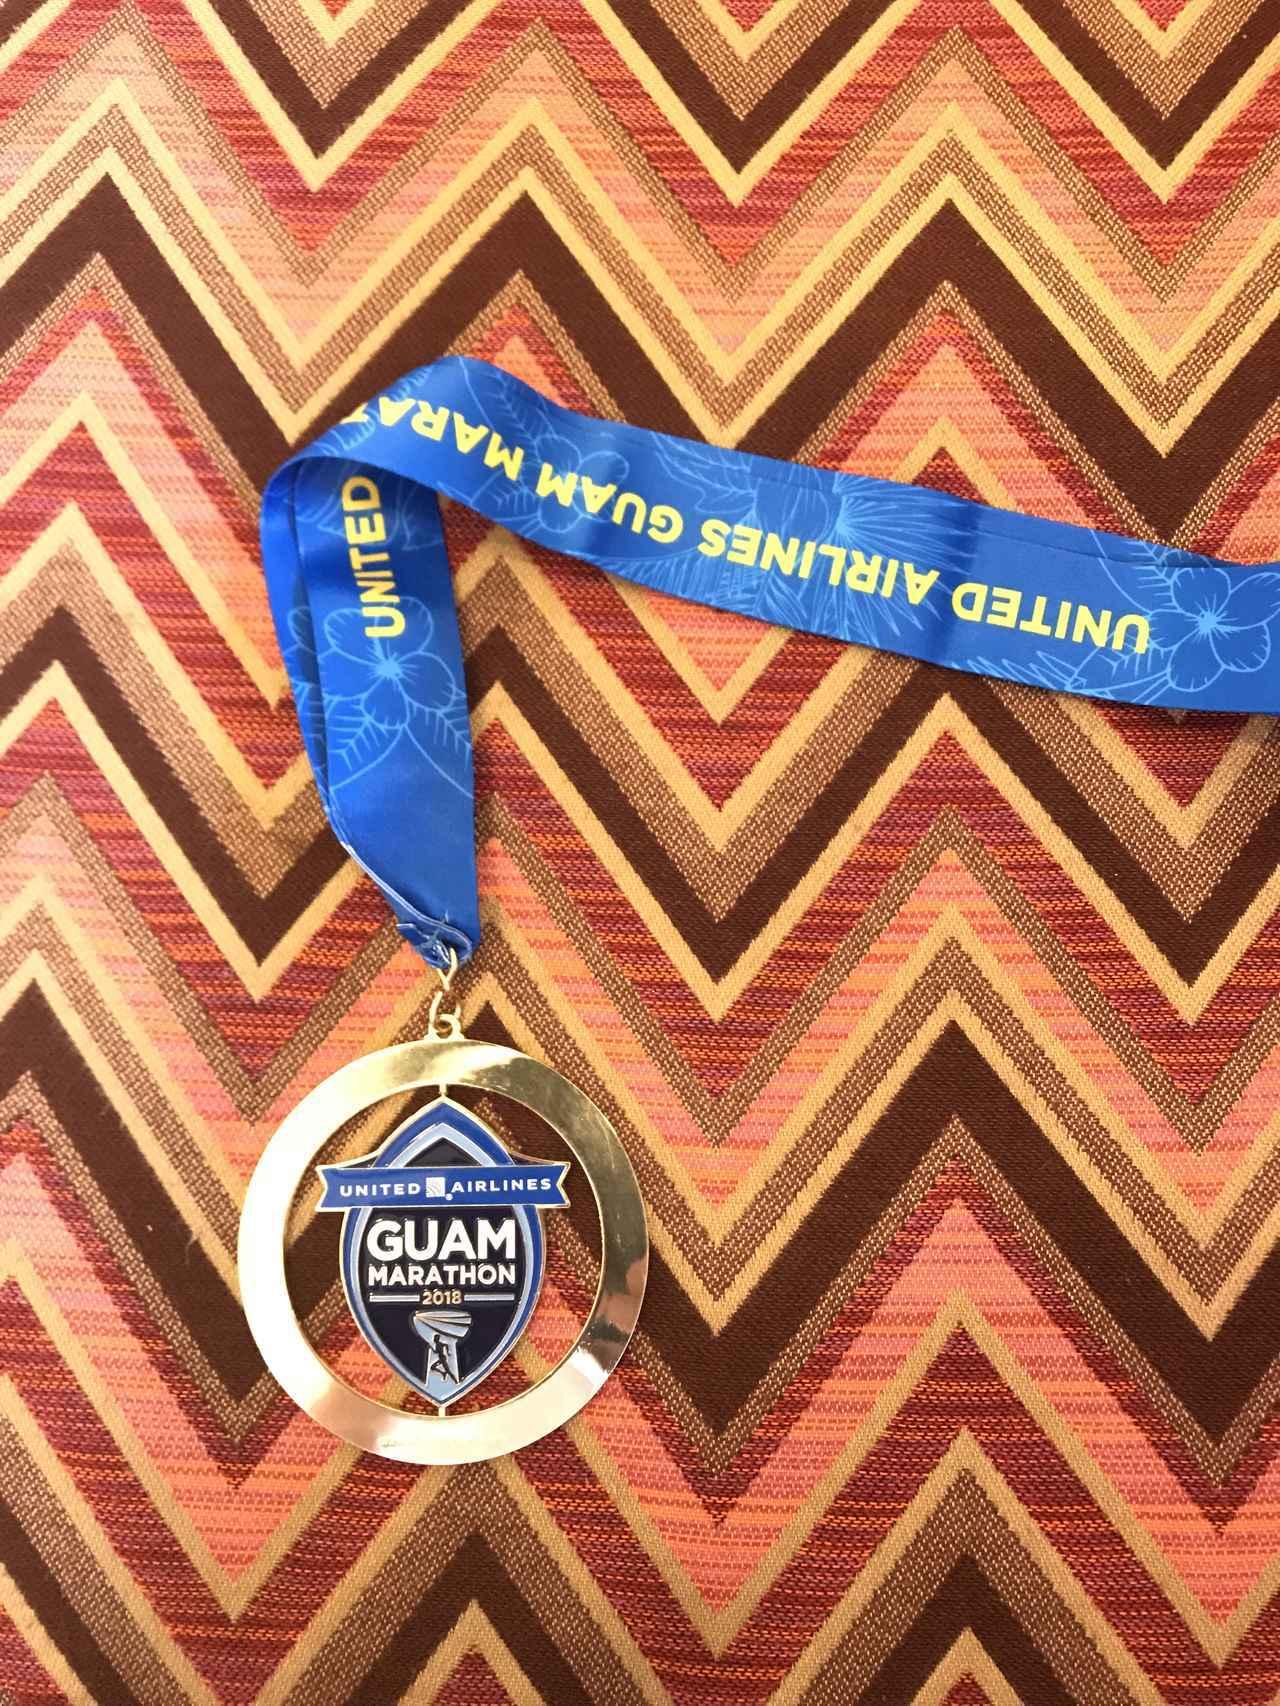 画像11: 【地球を走ろう】3時間半でいける海外マラソン! ユナイテッド・グアムマラソン 大会レポート